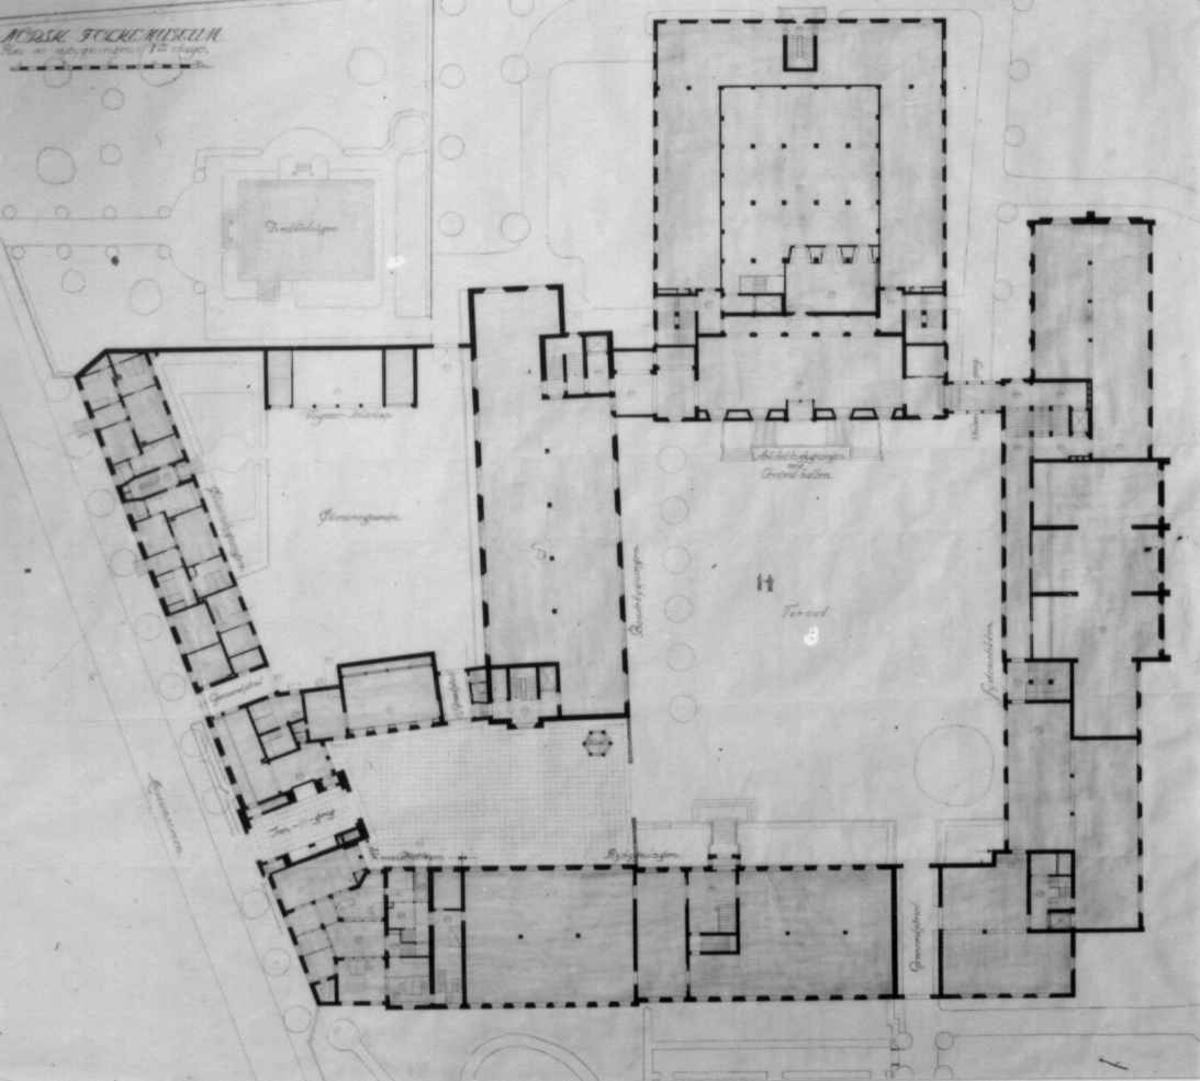 Plantegninger, fra 1925, fra arkitektene Bjercke og Eliassen. Utkast til nye museumsbygninger. Plan over første etasje.